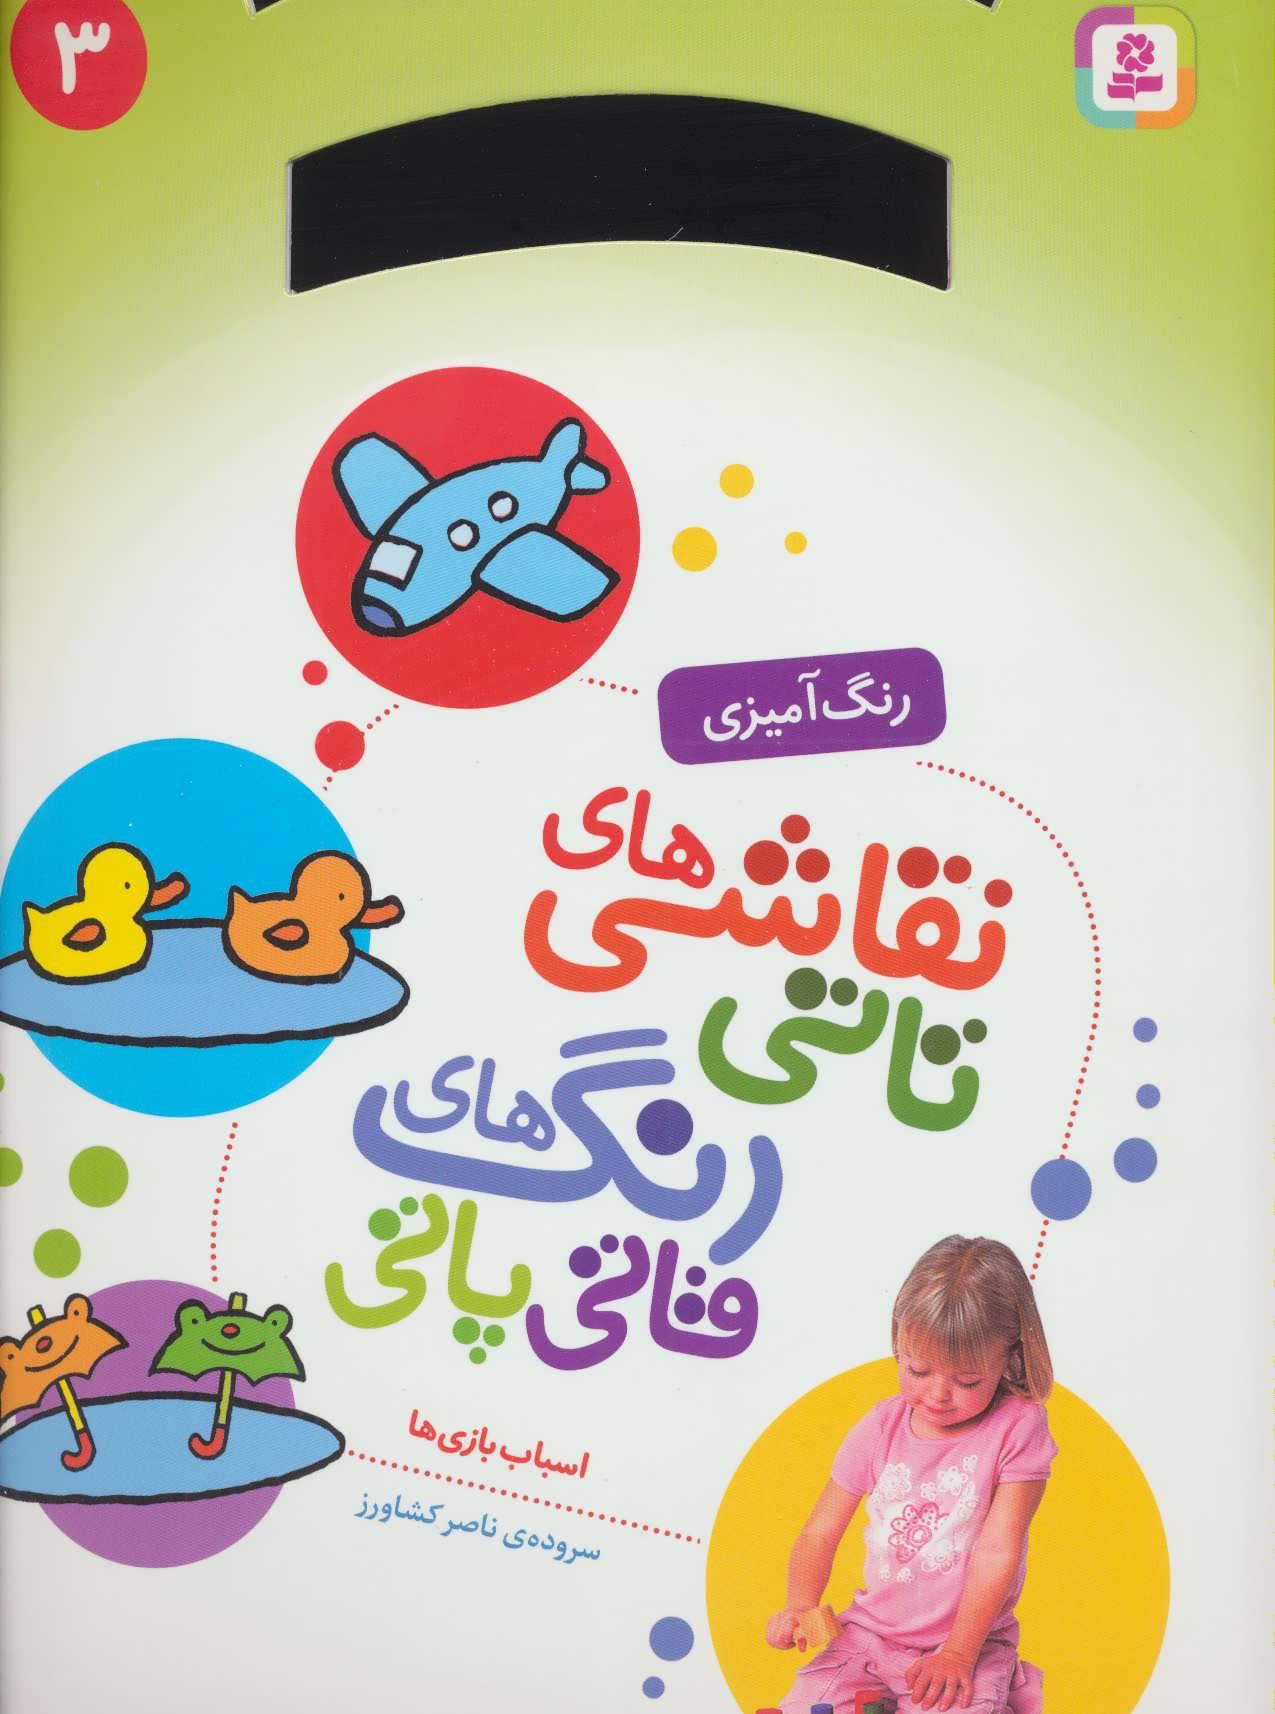 نقاشی های تاتی رنگ های قاتی پاتی 3 (اسباب بازی ها)